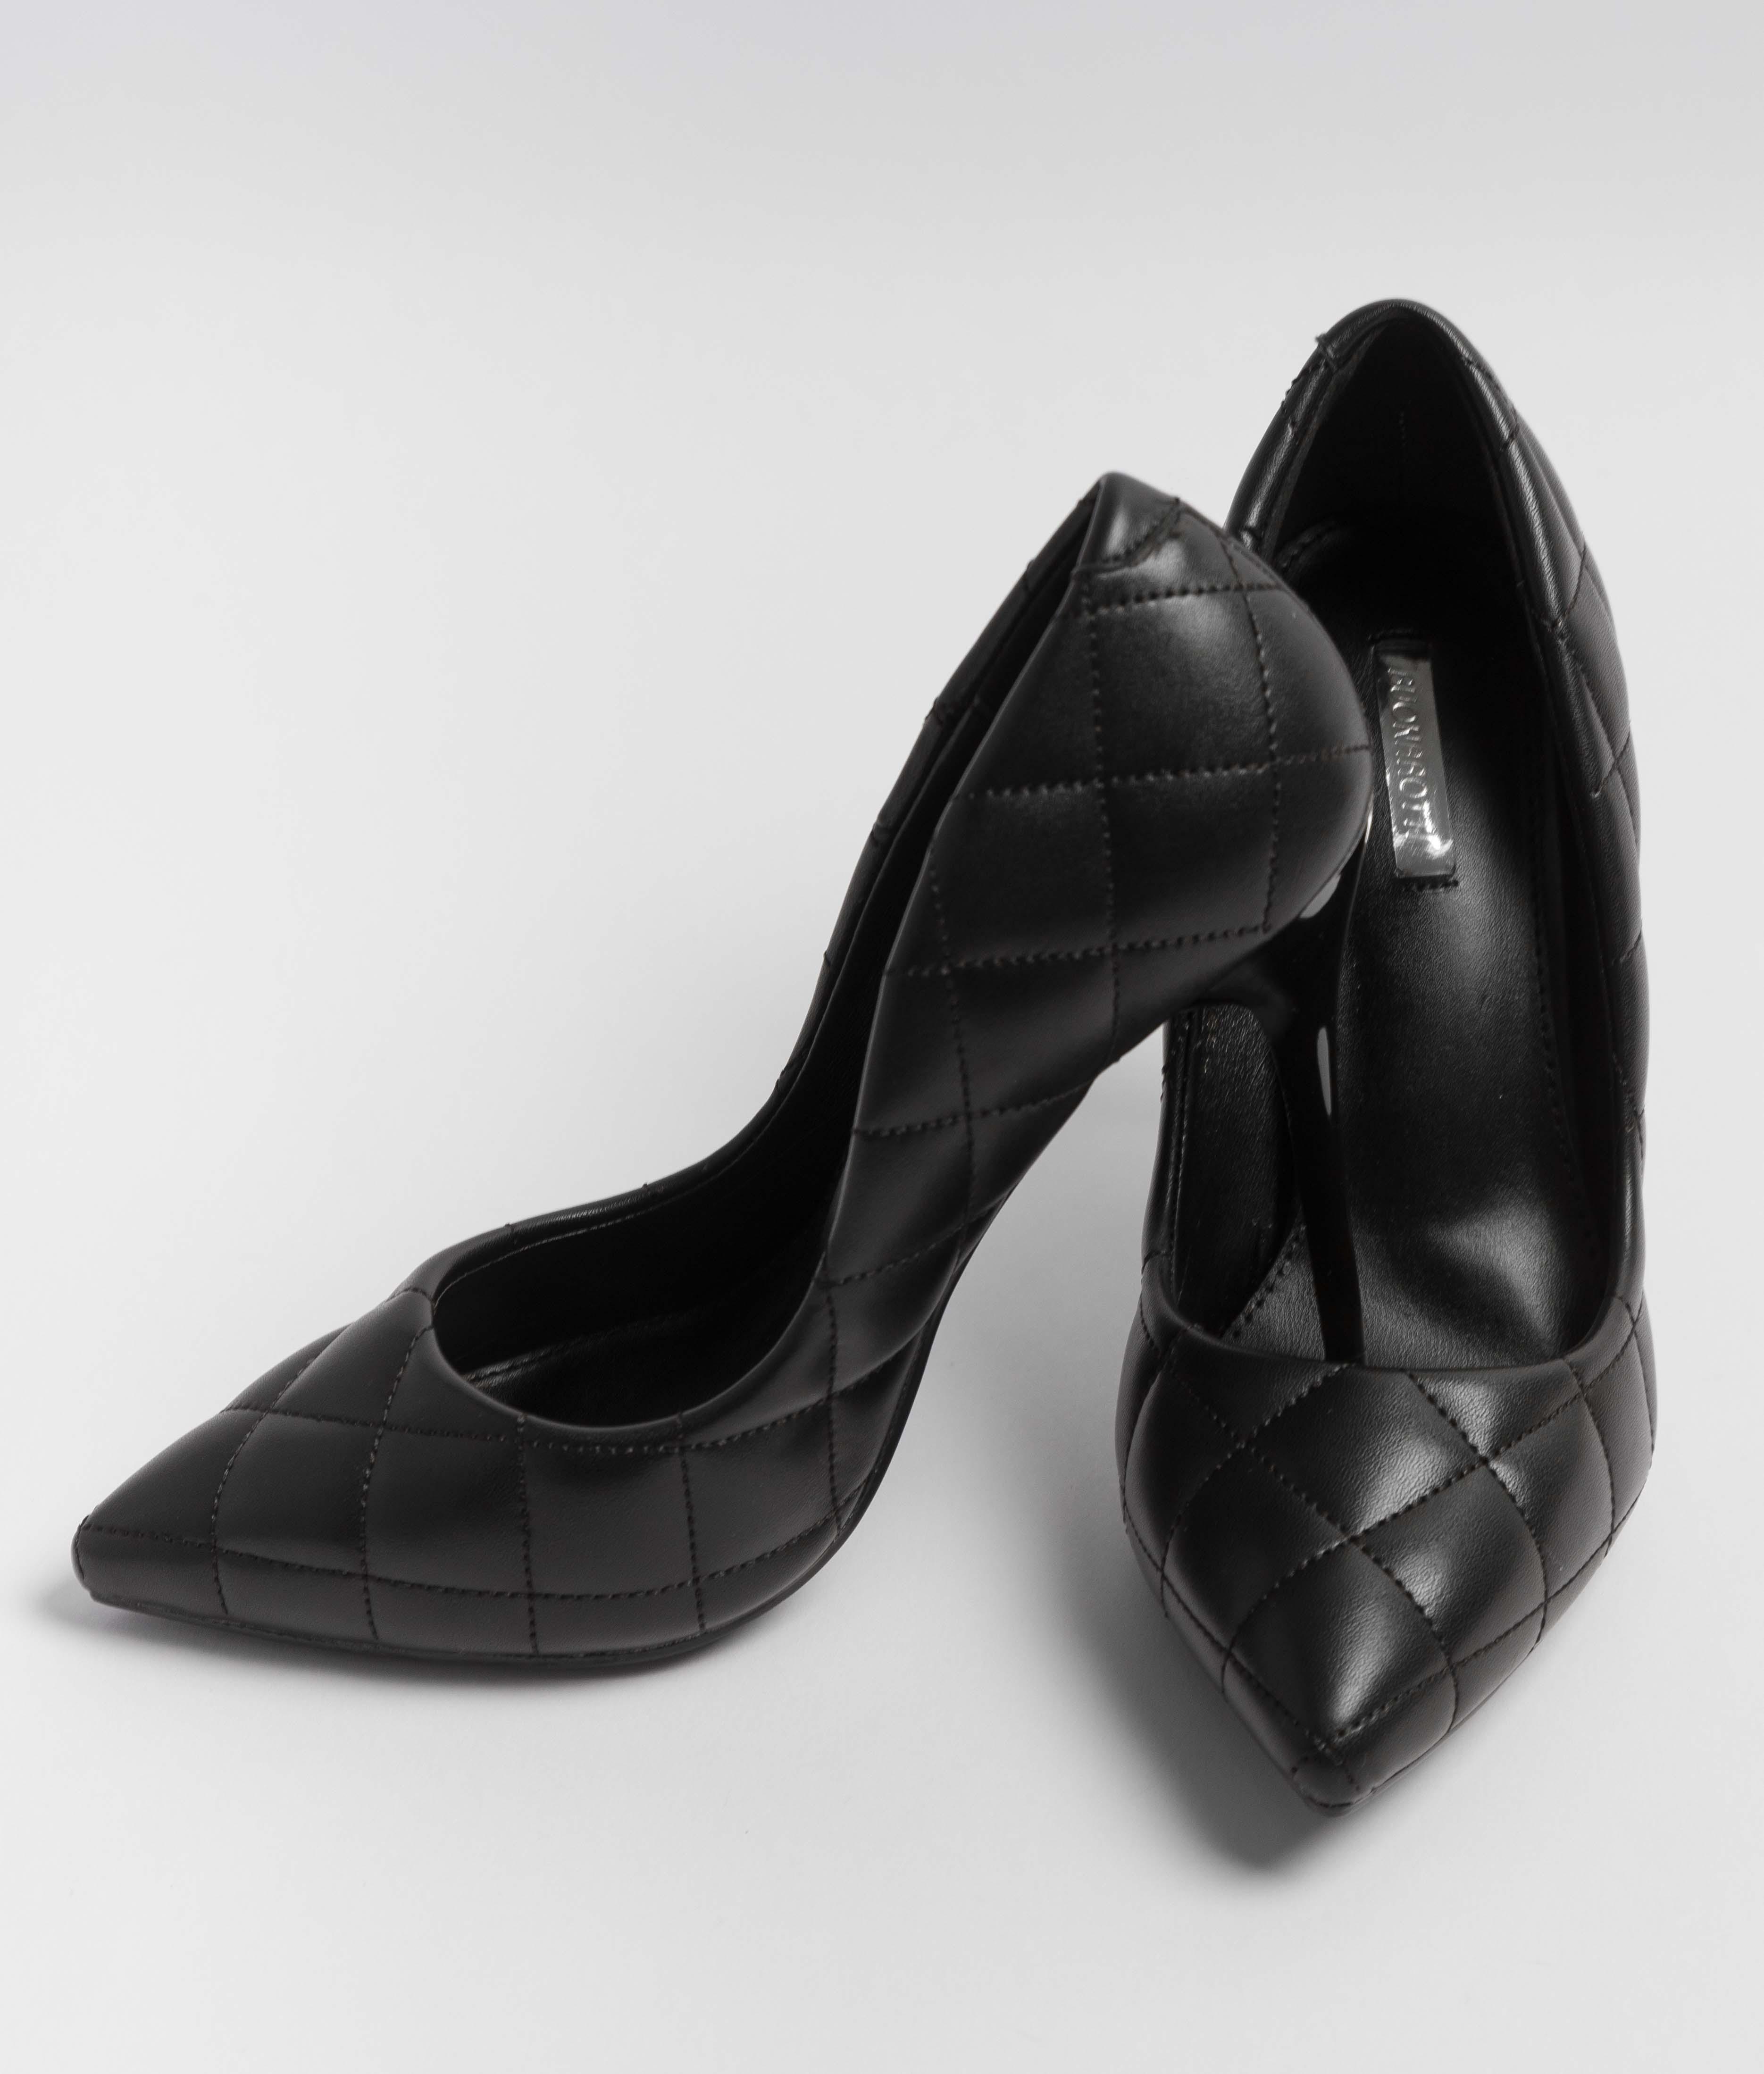 Zapato Satira - Black